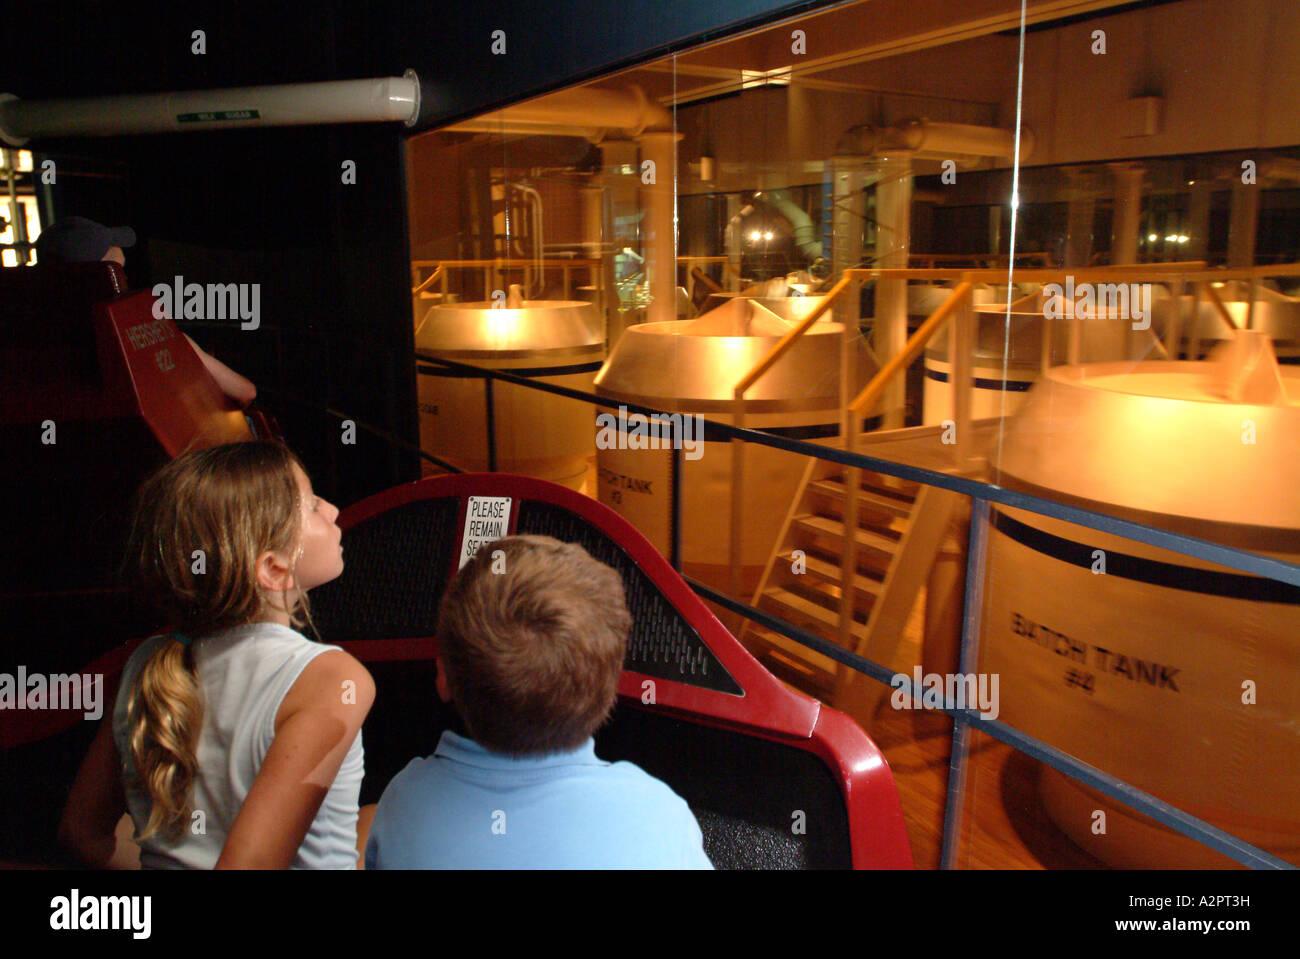 Hershey Chocolate World Stock Photos & Hershey Chocolate World ...